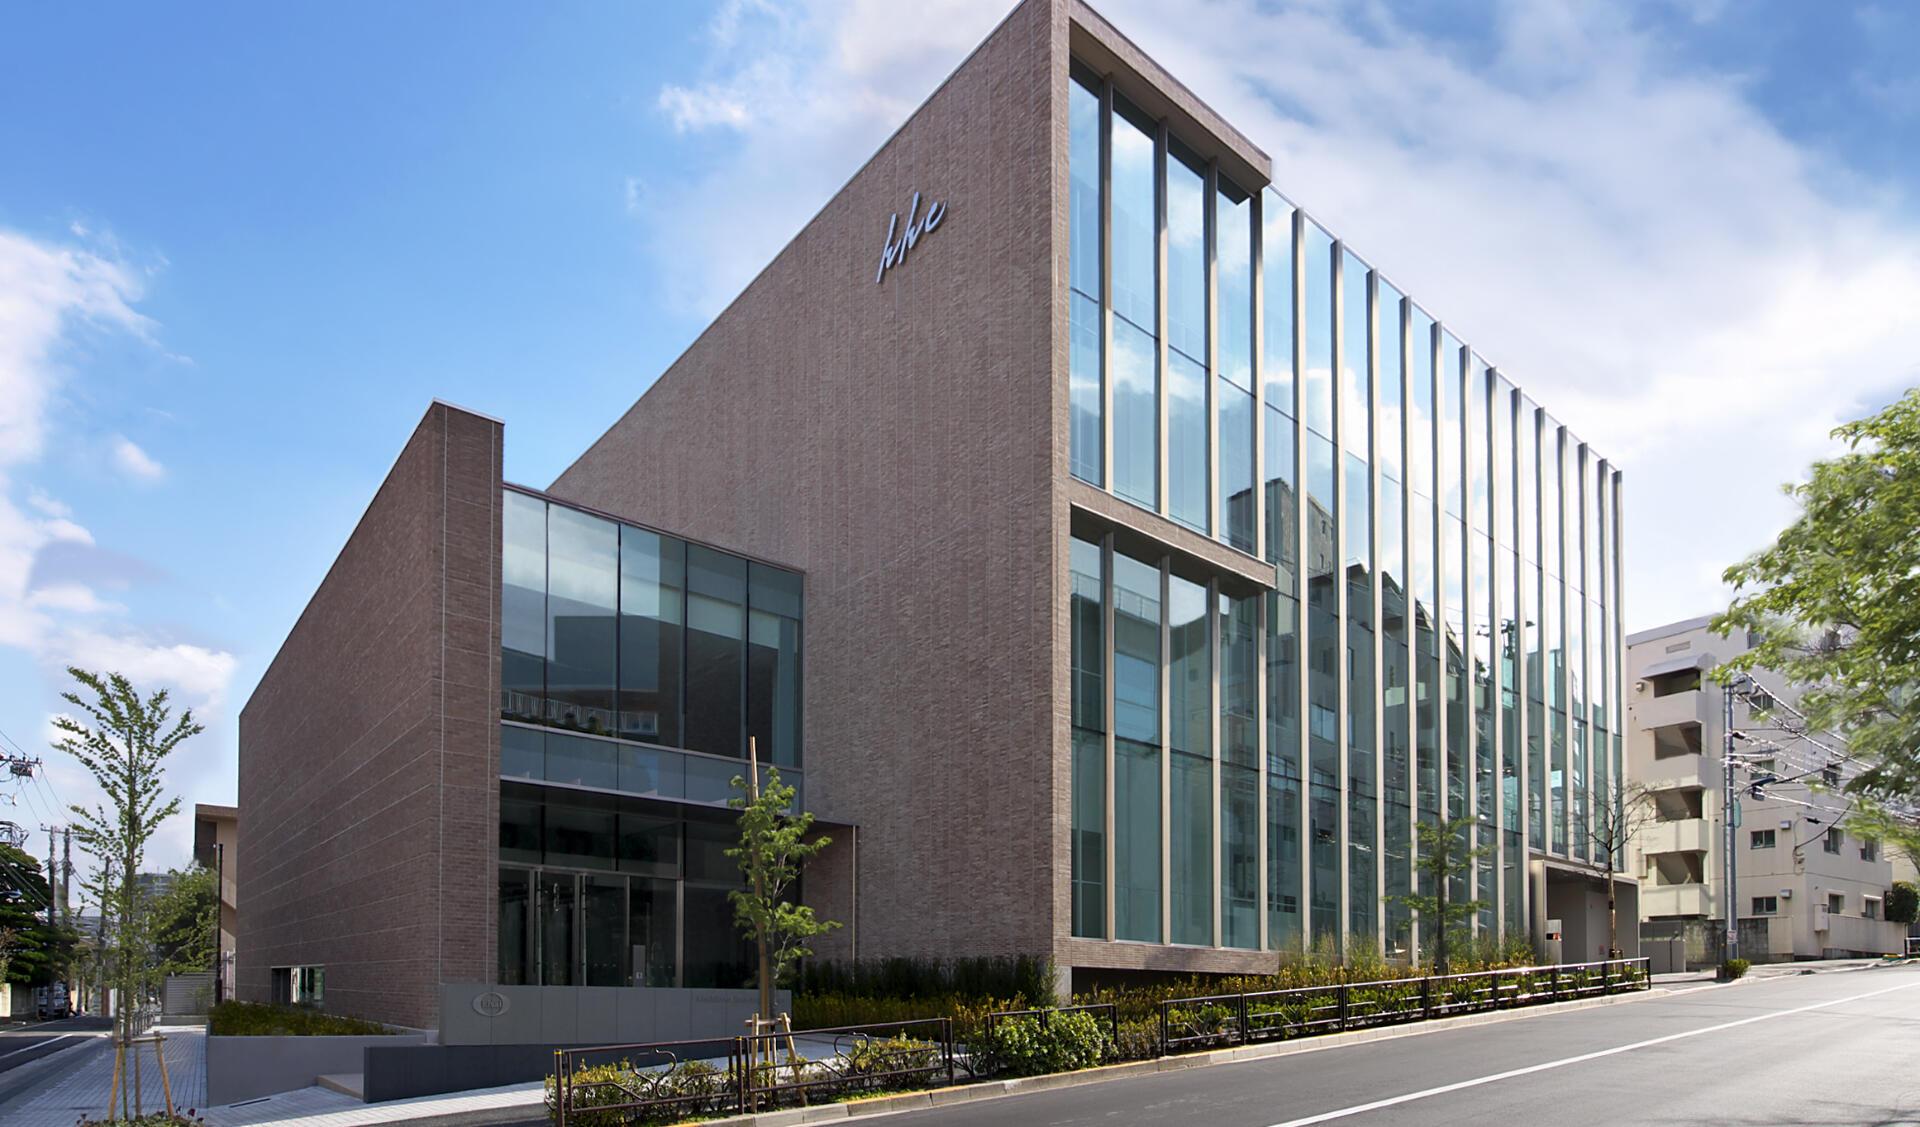 エーザイ株式会社 小石川ナレッジセンターの写真